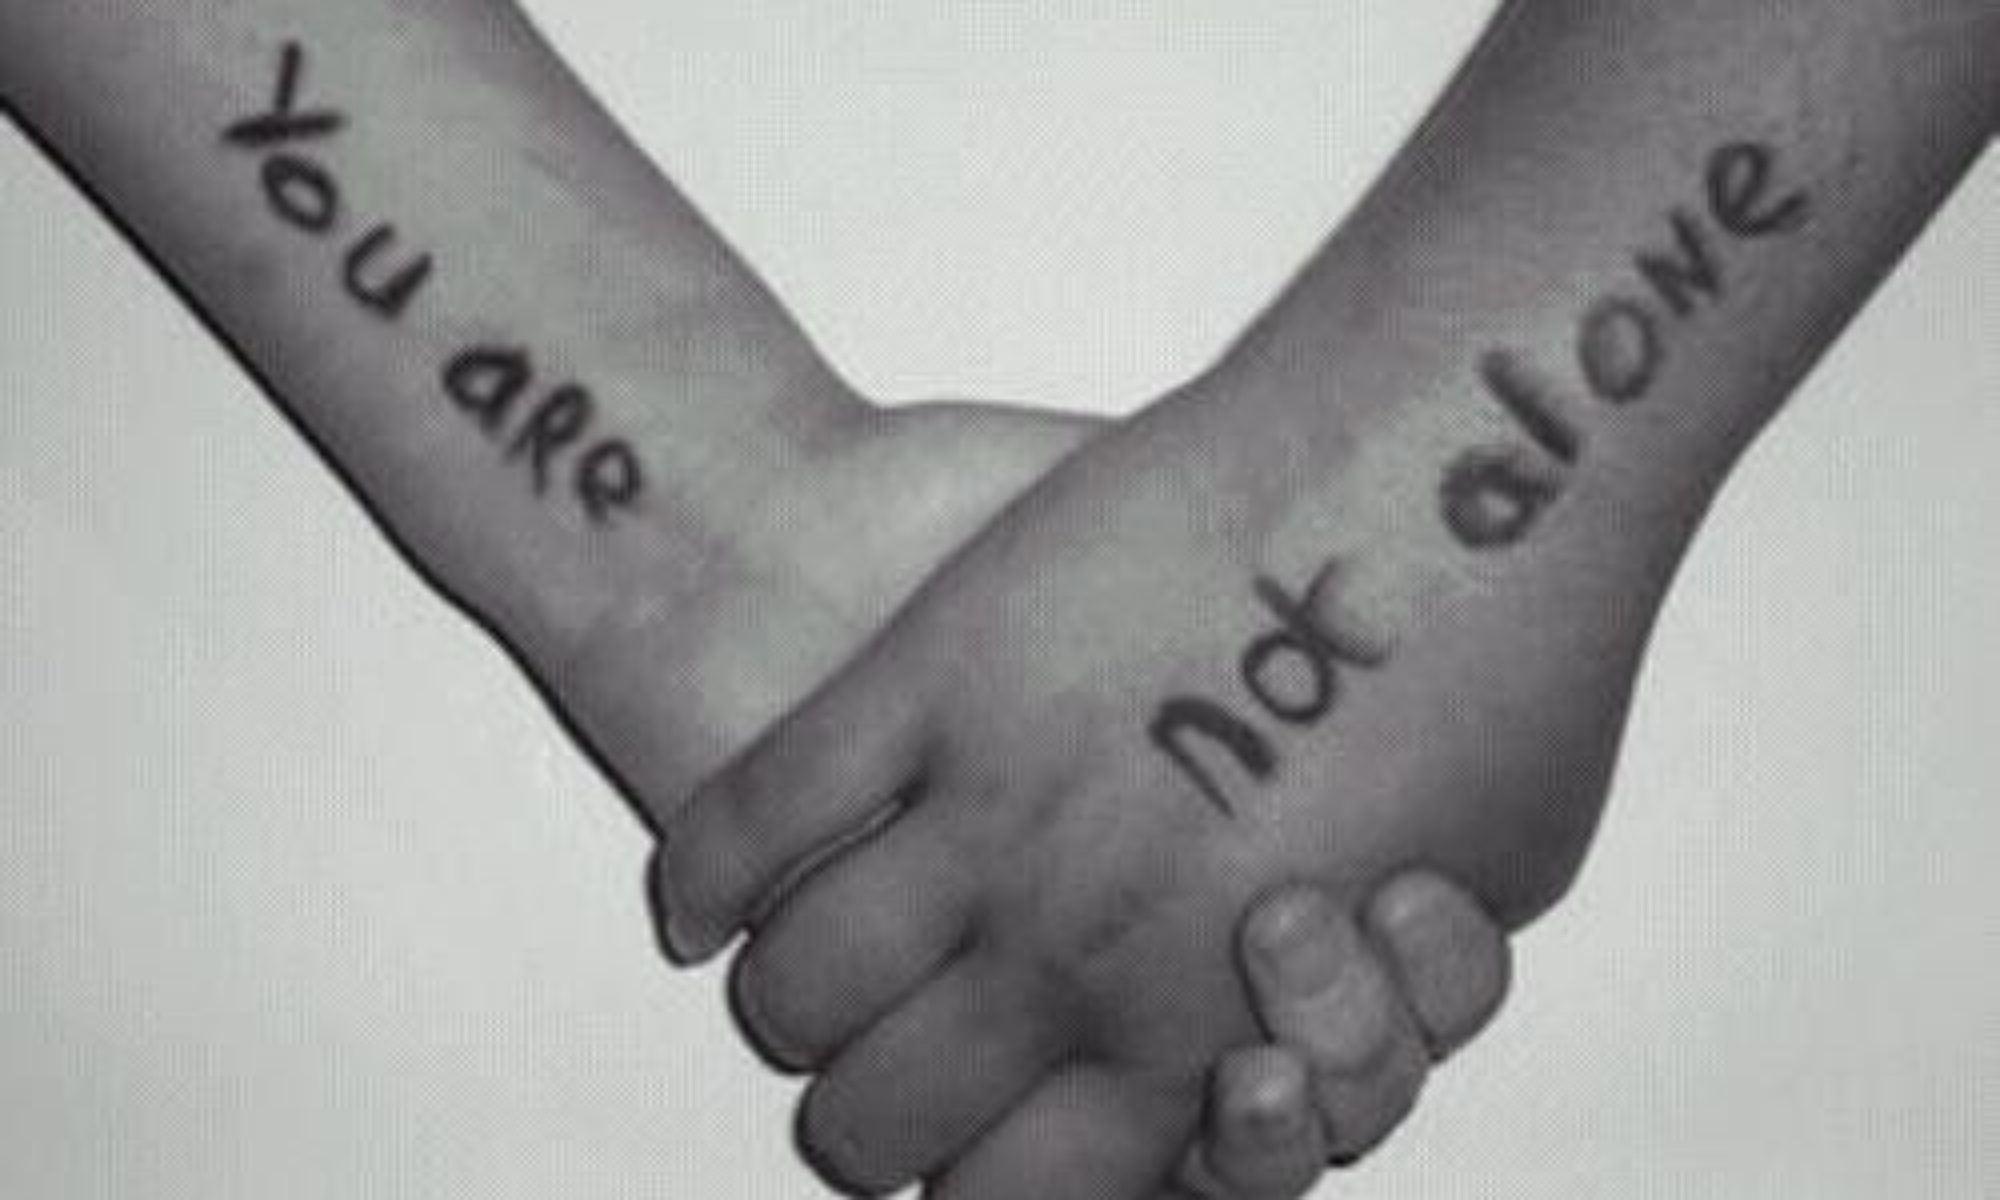 Anhörigas utsatta roll - att vara anhörig till någon med psykisk ohälsa